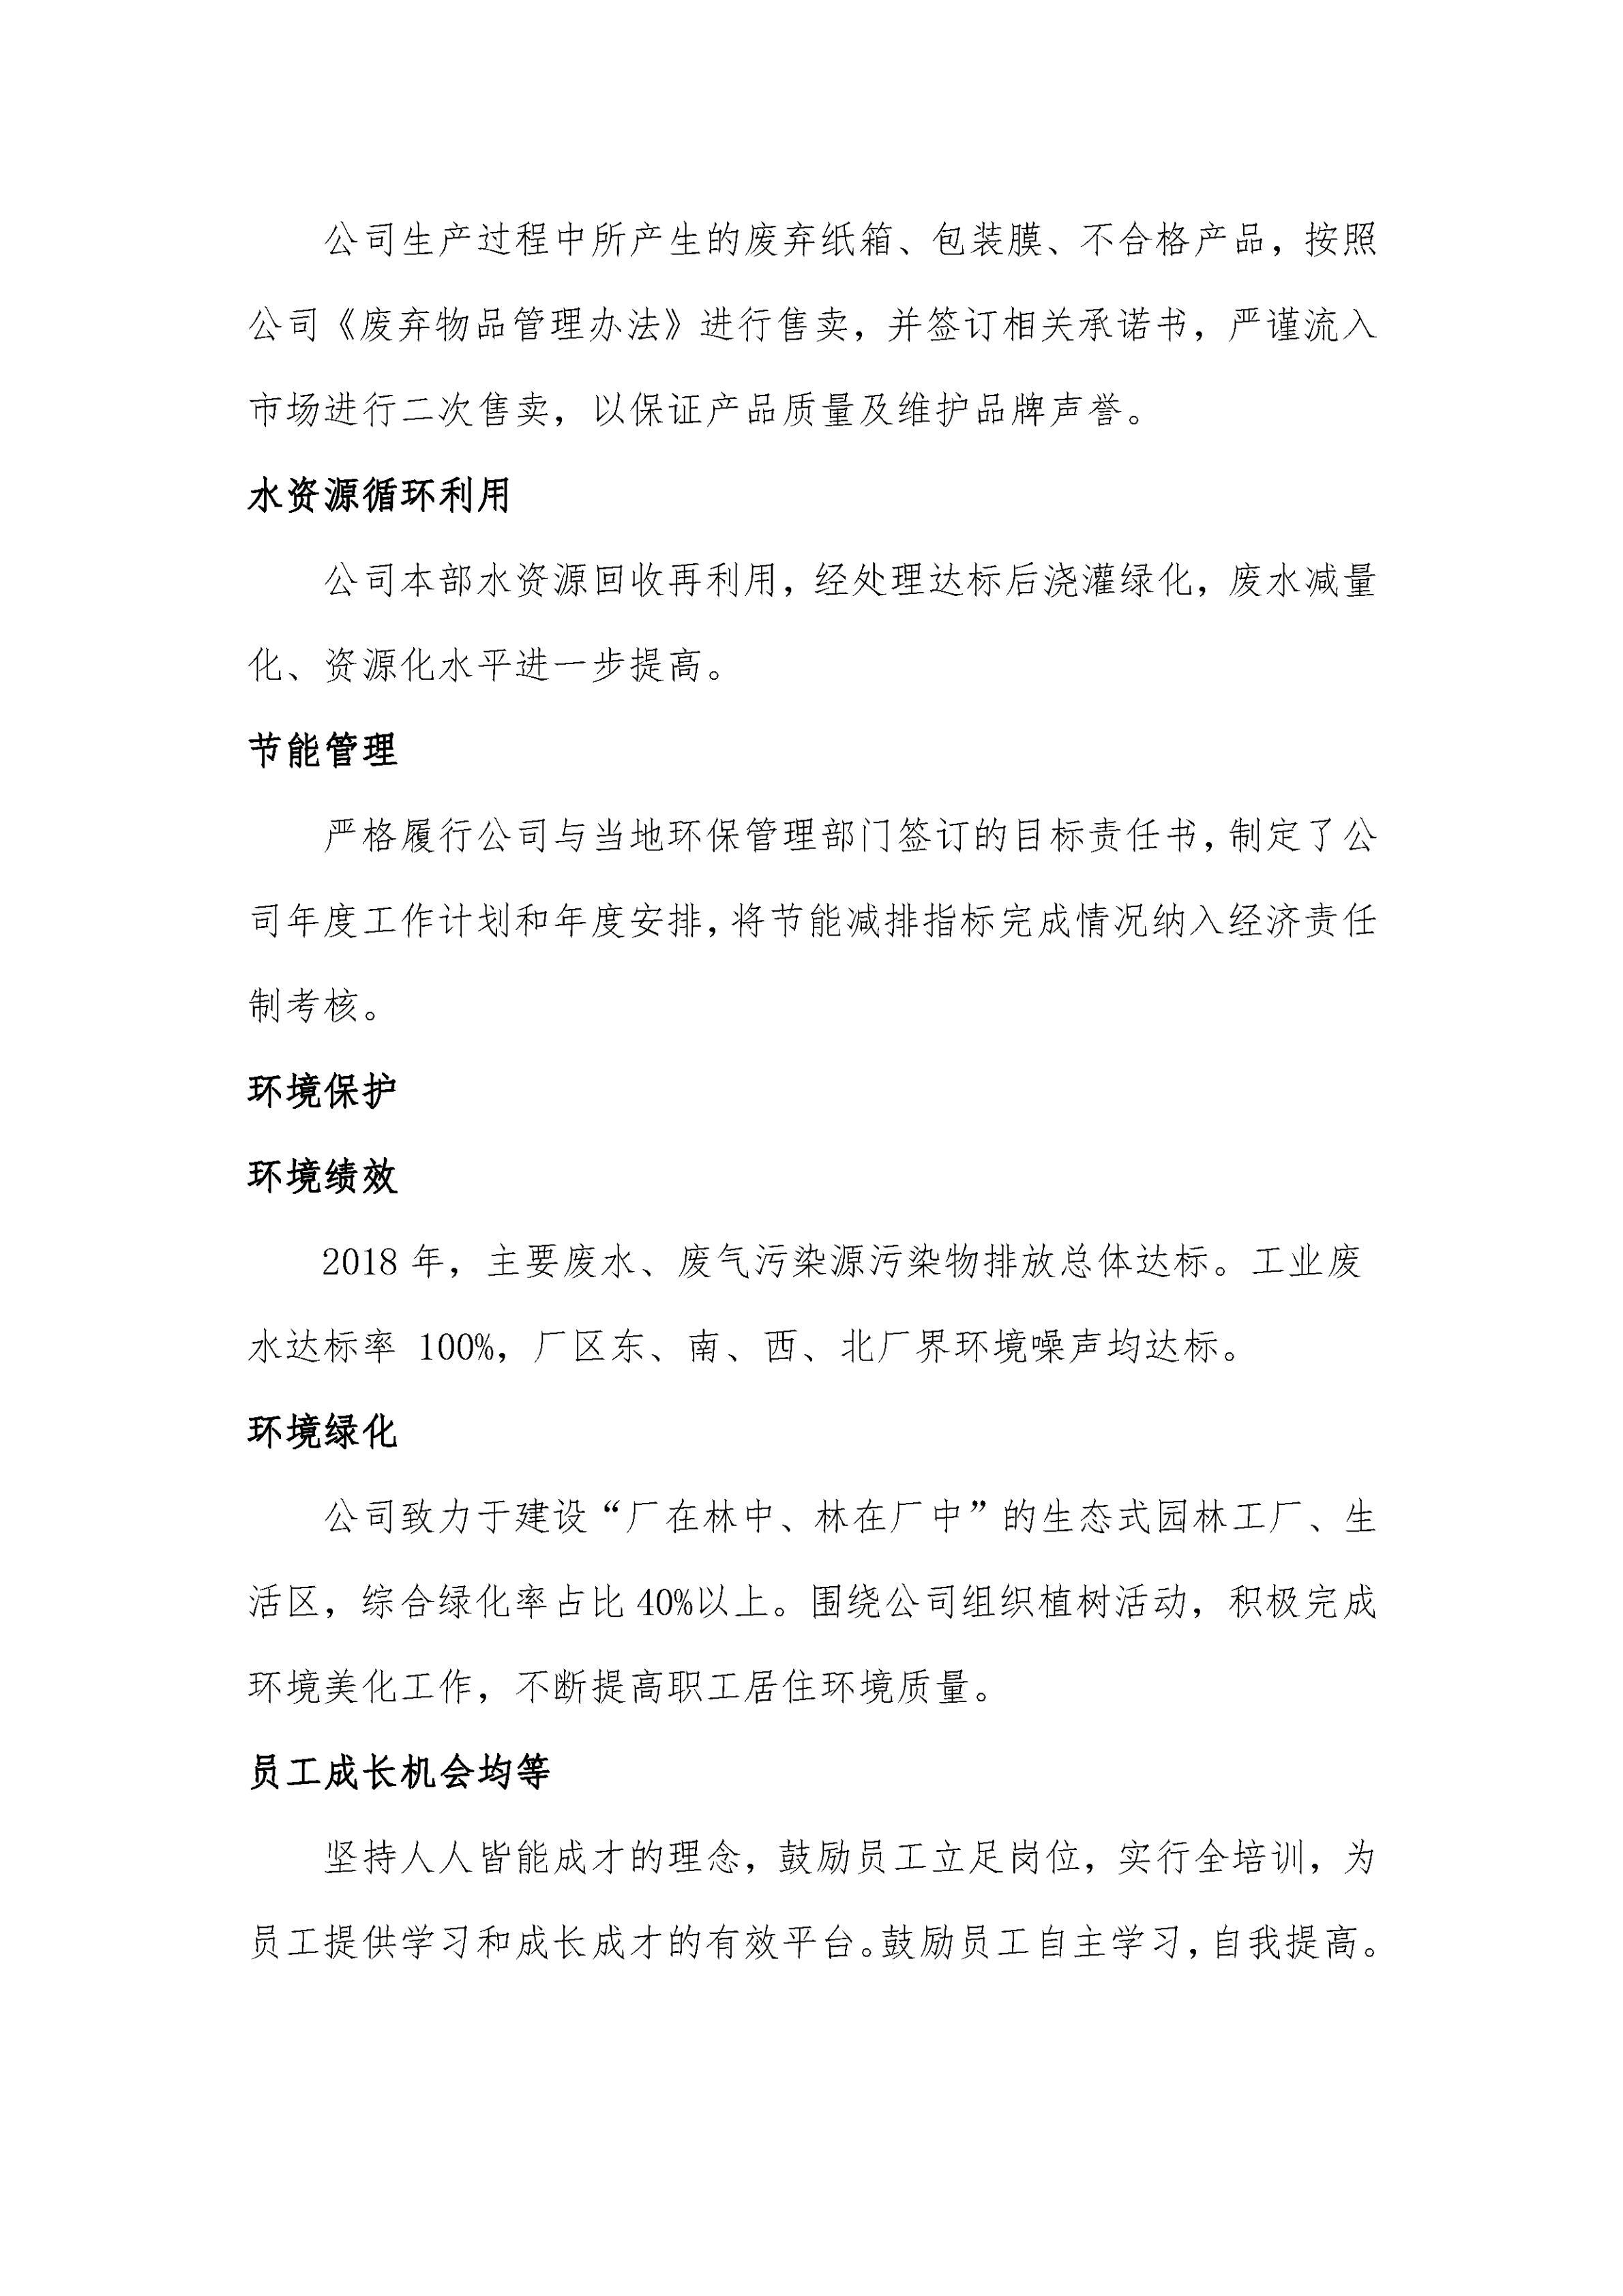 云南理世實業(集團)有限責任公司2018年社會責任報告.FR11_11.jpg